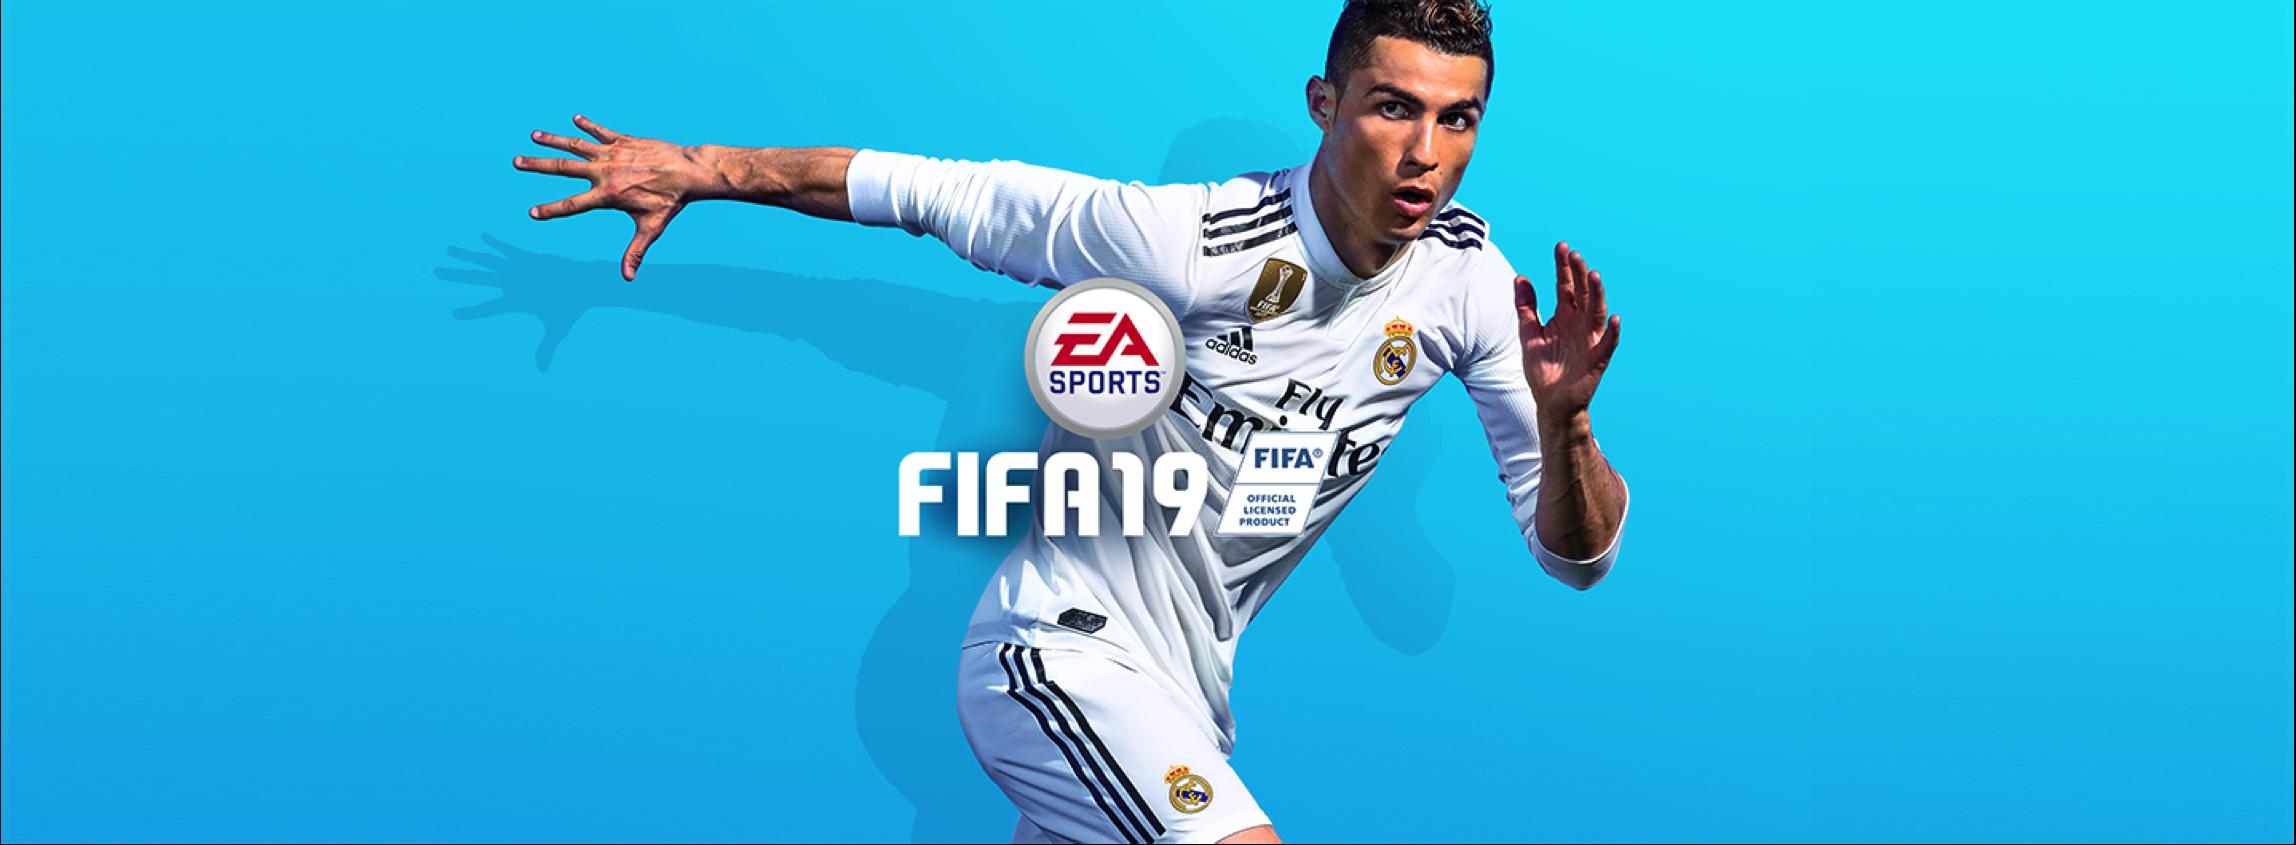 FIFA19